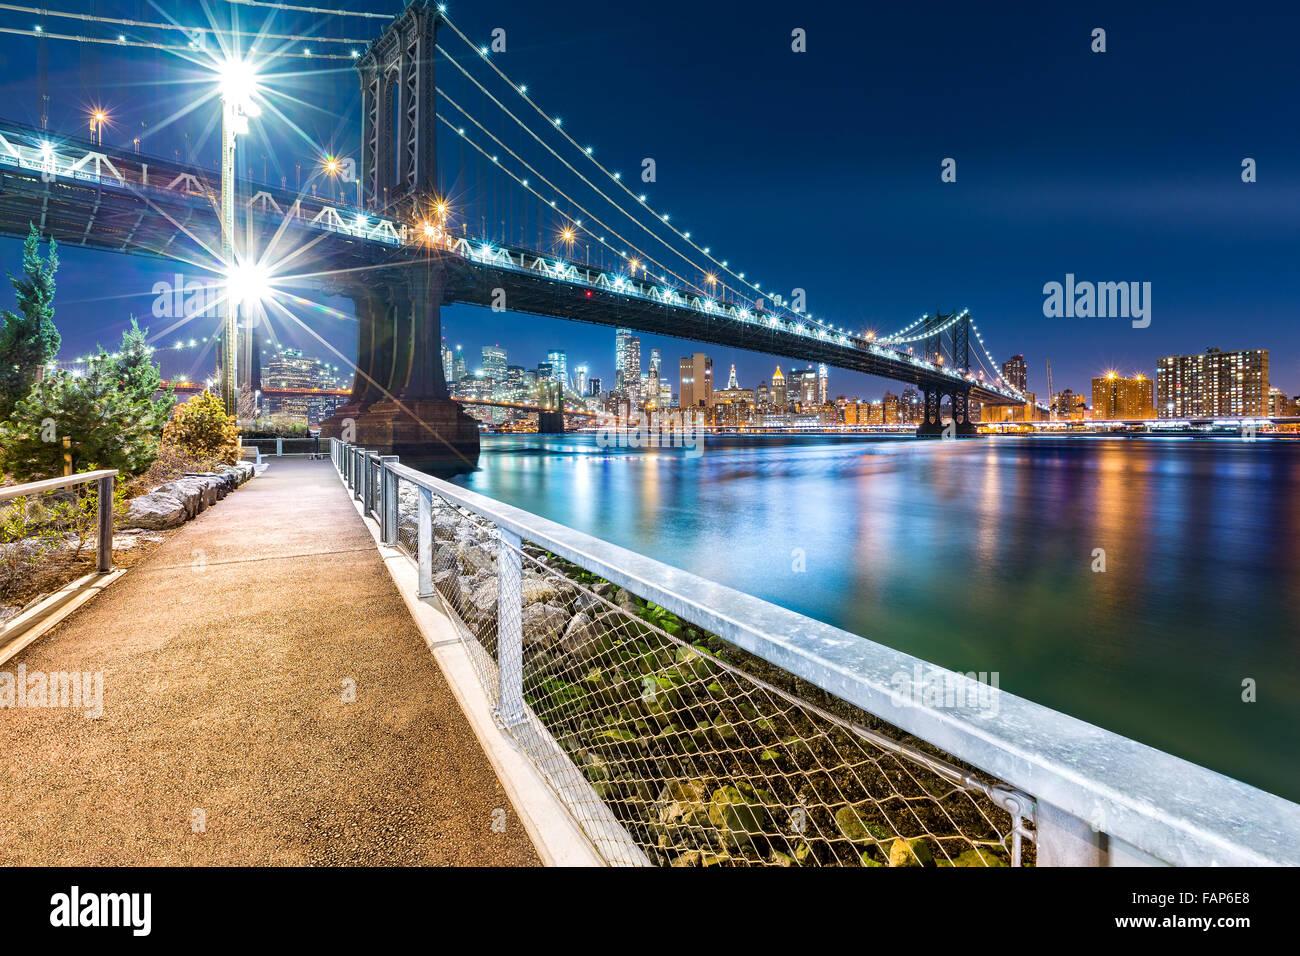 Pont de Manhattan de nuit, vue de la rue John Park avec pont de Brooklyn et Manhattan skyline en arrière-plan. Photo Stock